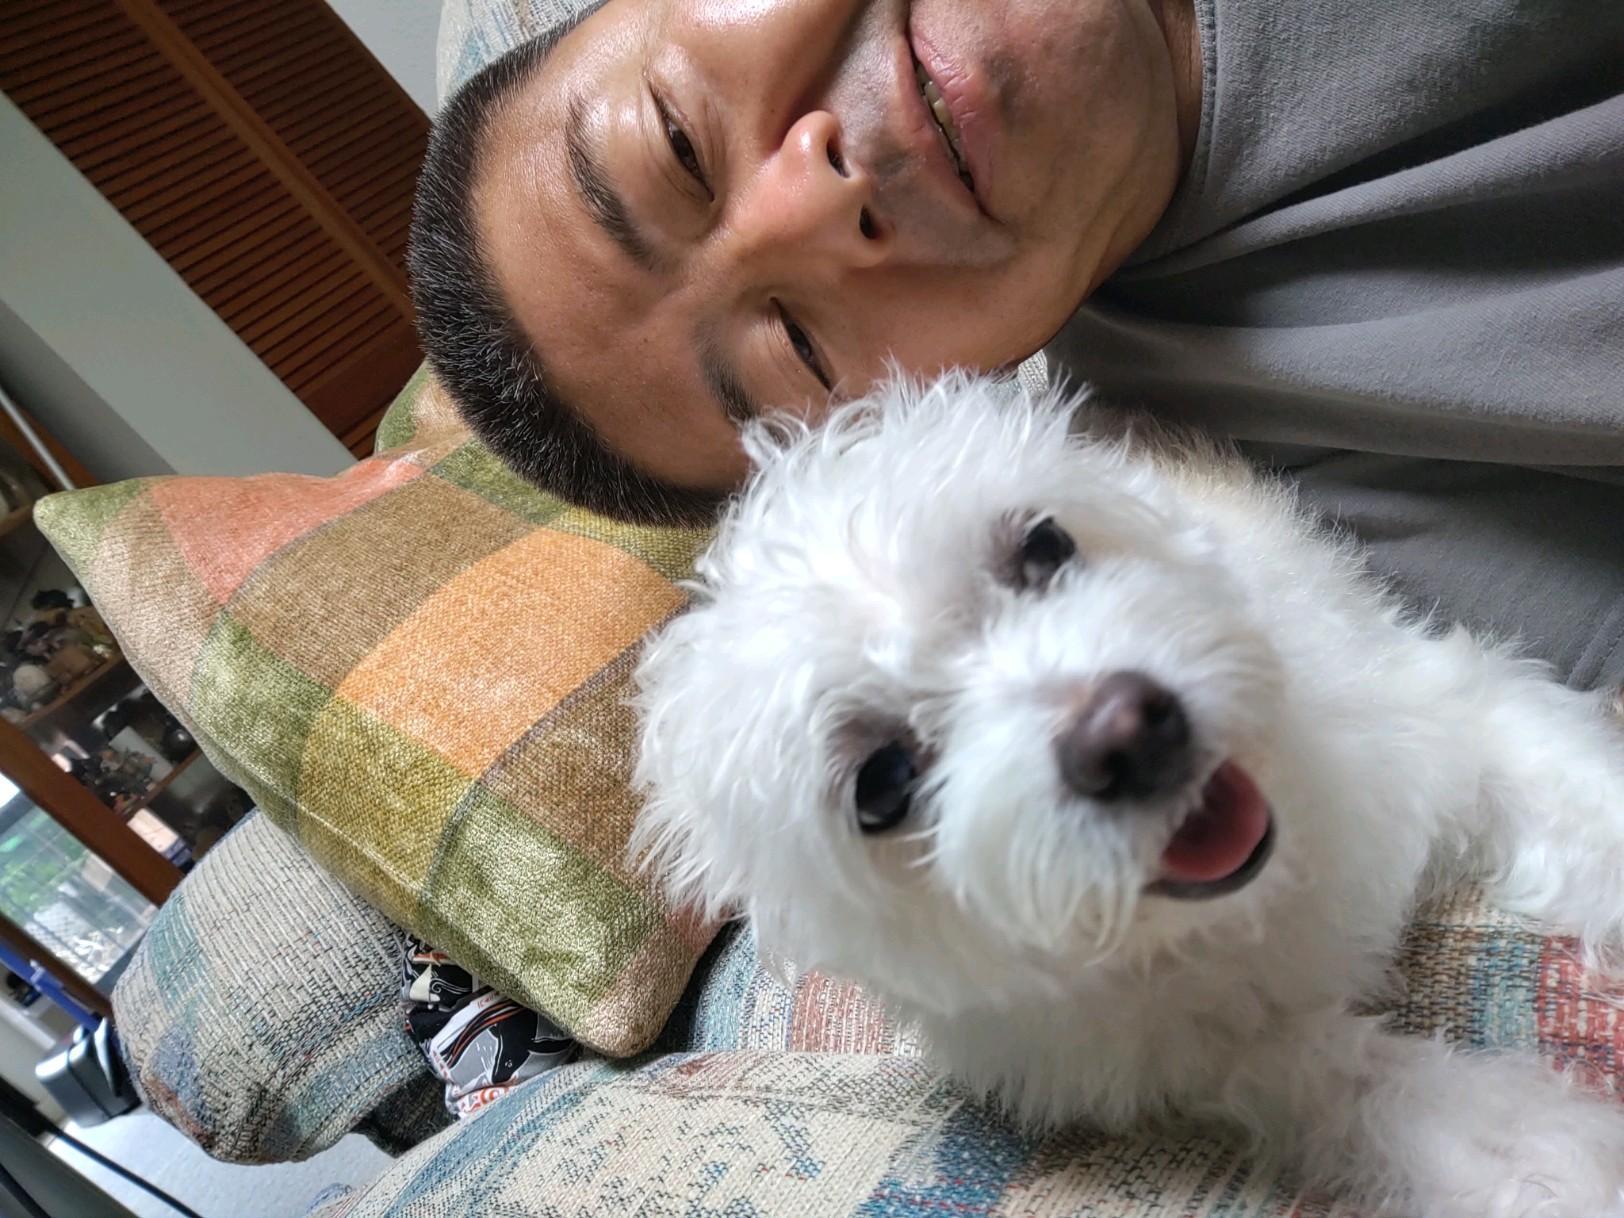 Mr. Minobe and Dog Friend